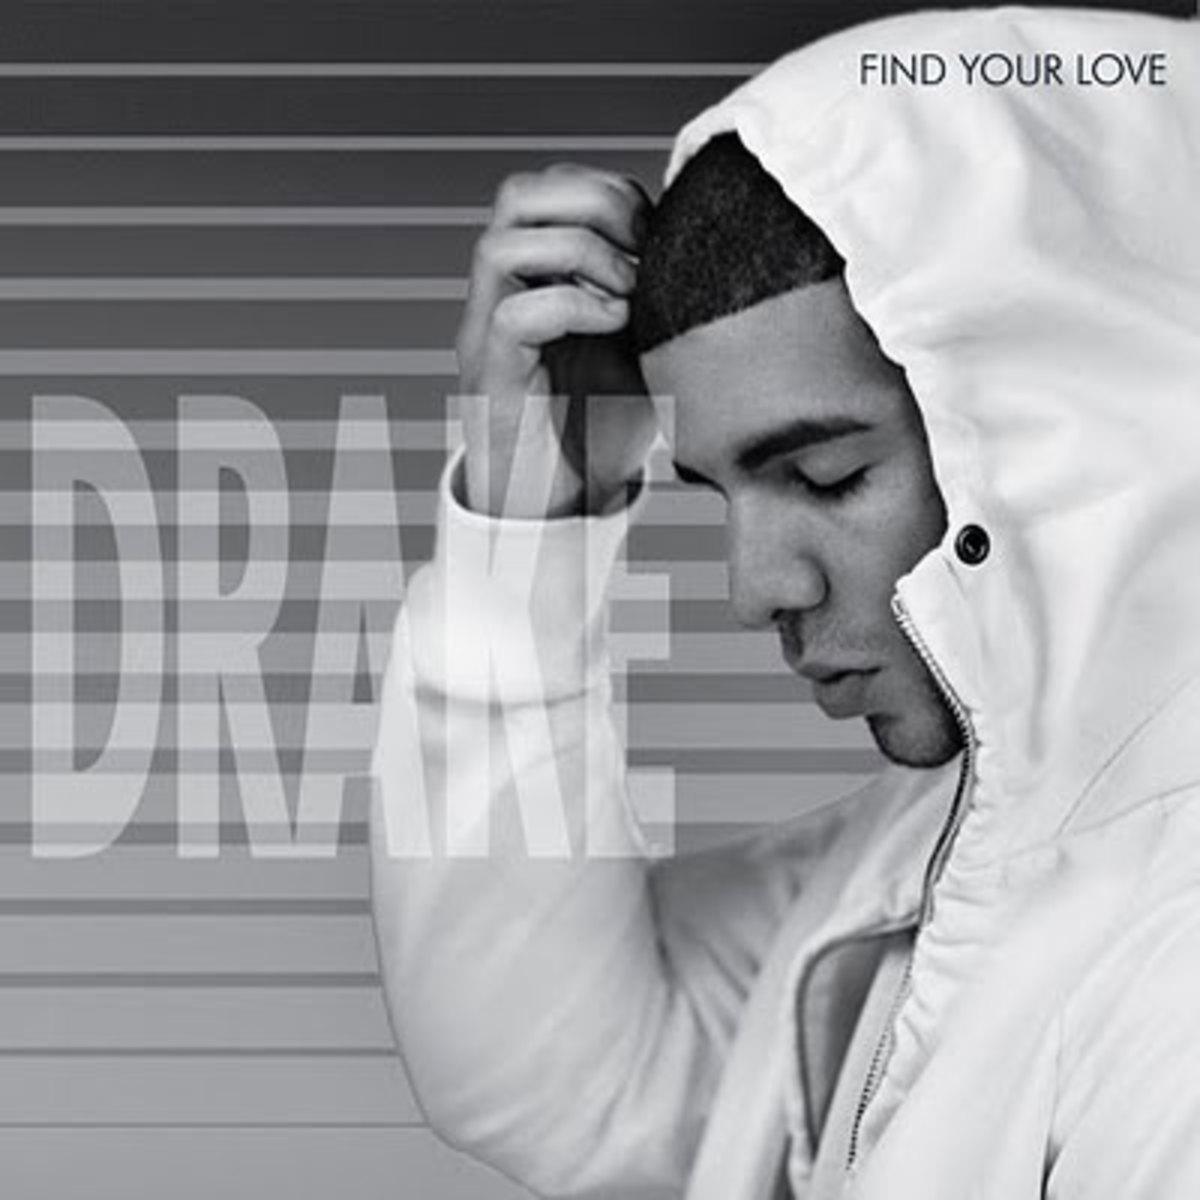 drake-findyourlove.jpg